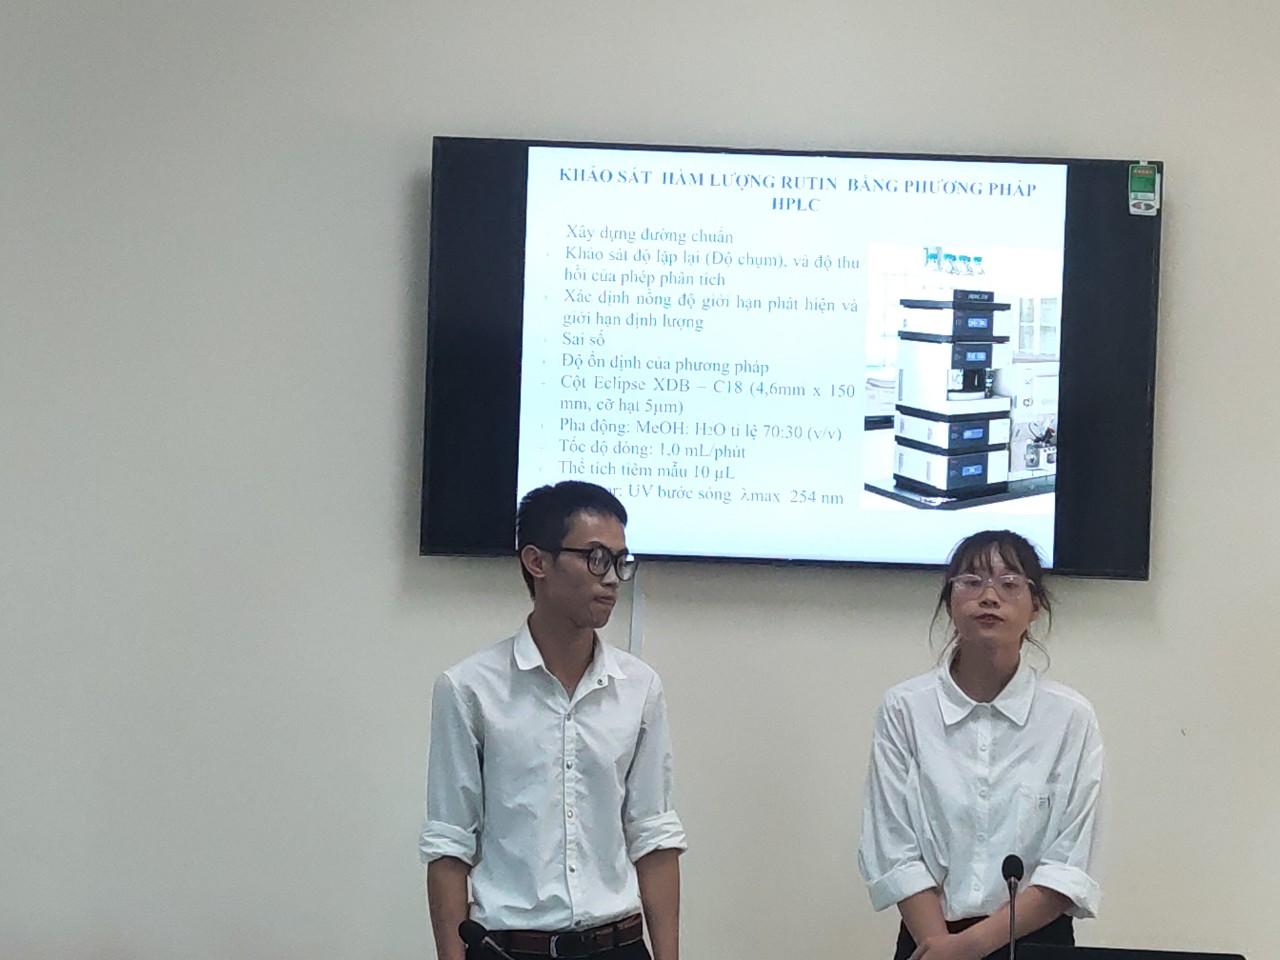 Sinh viên bào chế thành công trà hạ áp từ hoè mễ thu hái tại huyện Tiền Hải, tỉnh Thái Bình